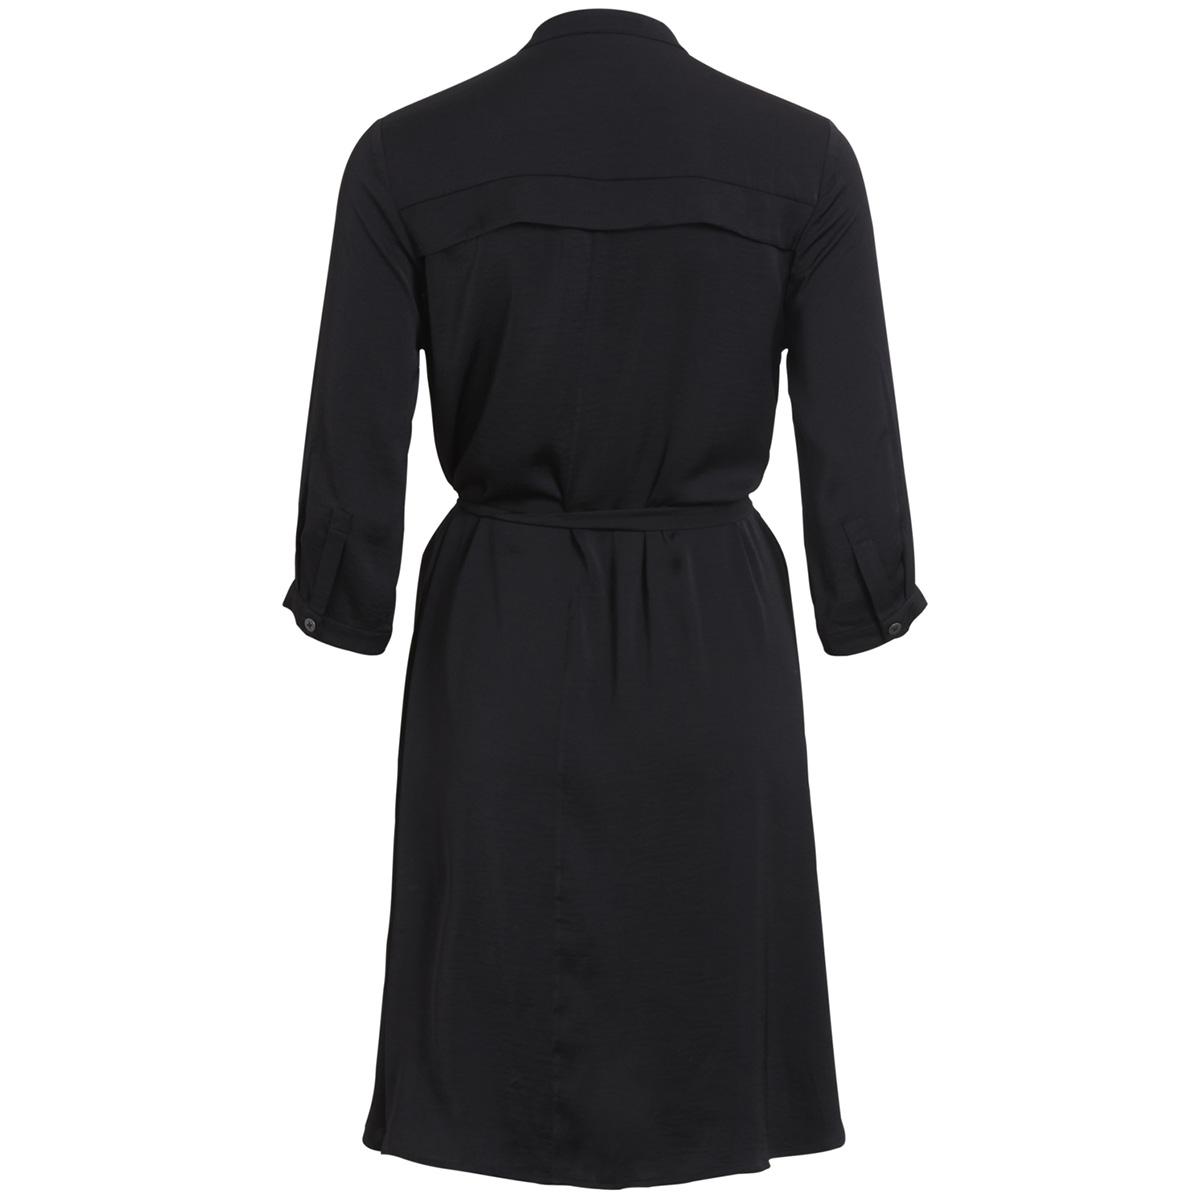 objadrianne 3/4 dress apb 23025699 object jurk black